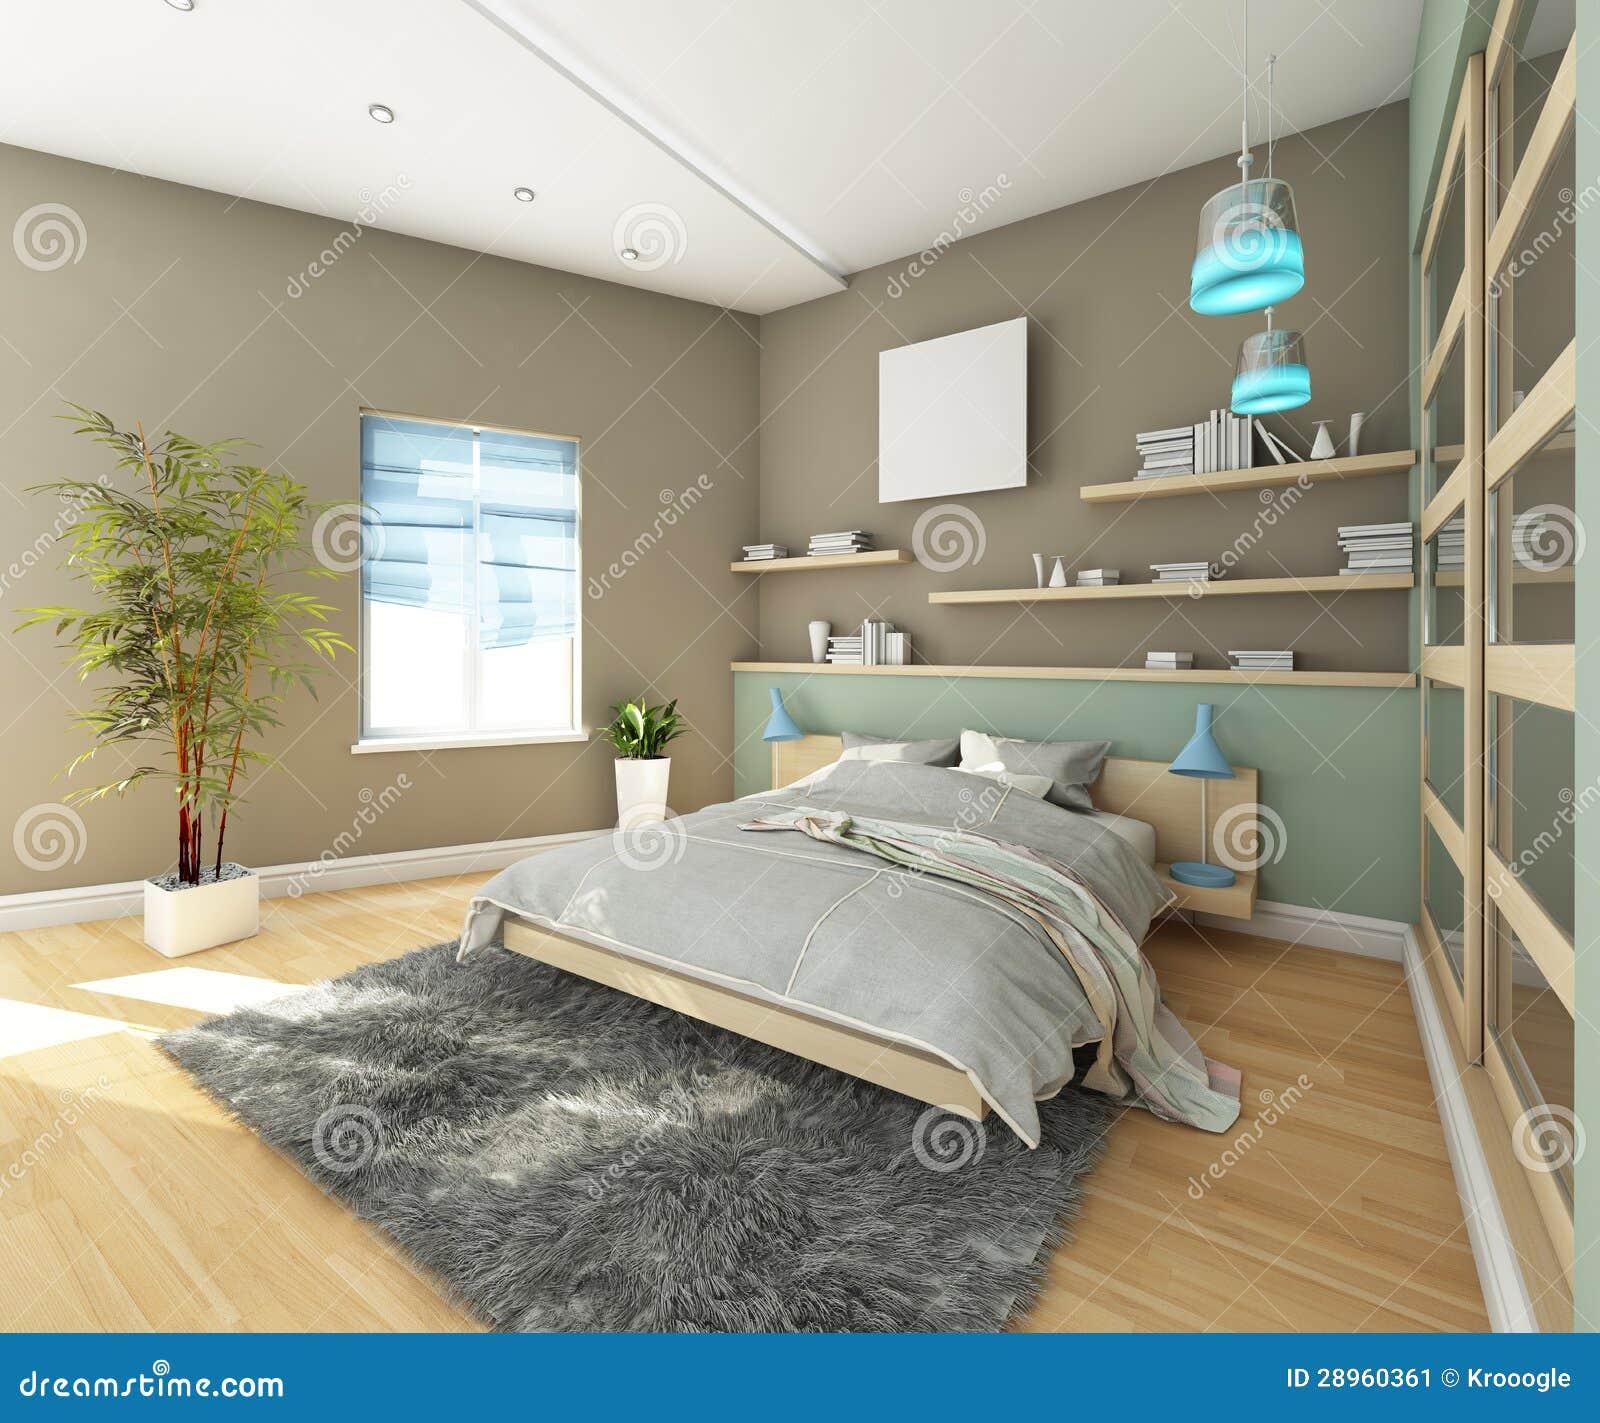 Jugendlich Schlafzimmer Mit Teppich Stock Abbildung - Illustration ...